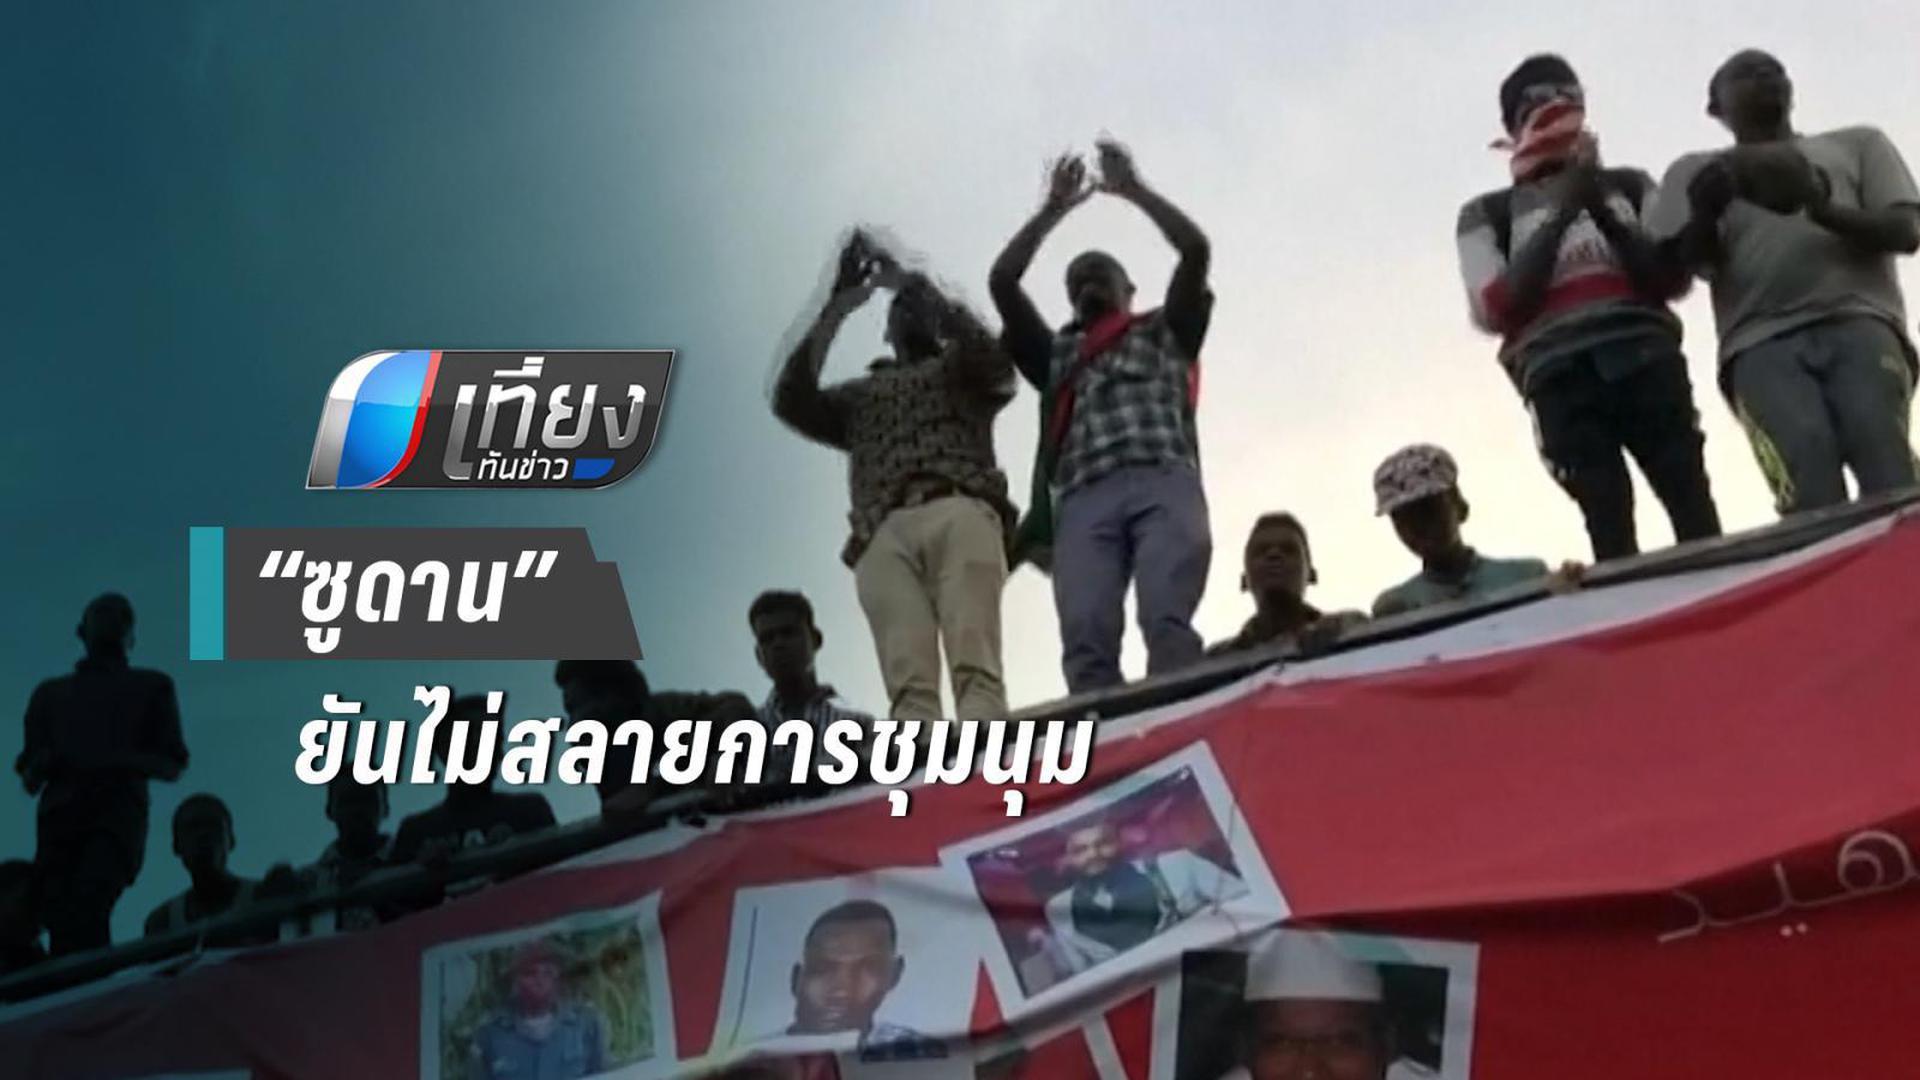 รัฐบาลทหารซูดาน ยันไม่สลายการชุมนุม